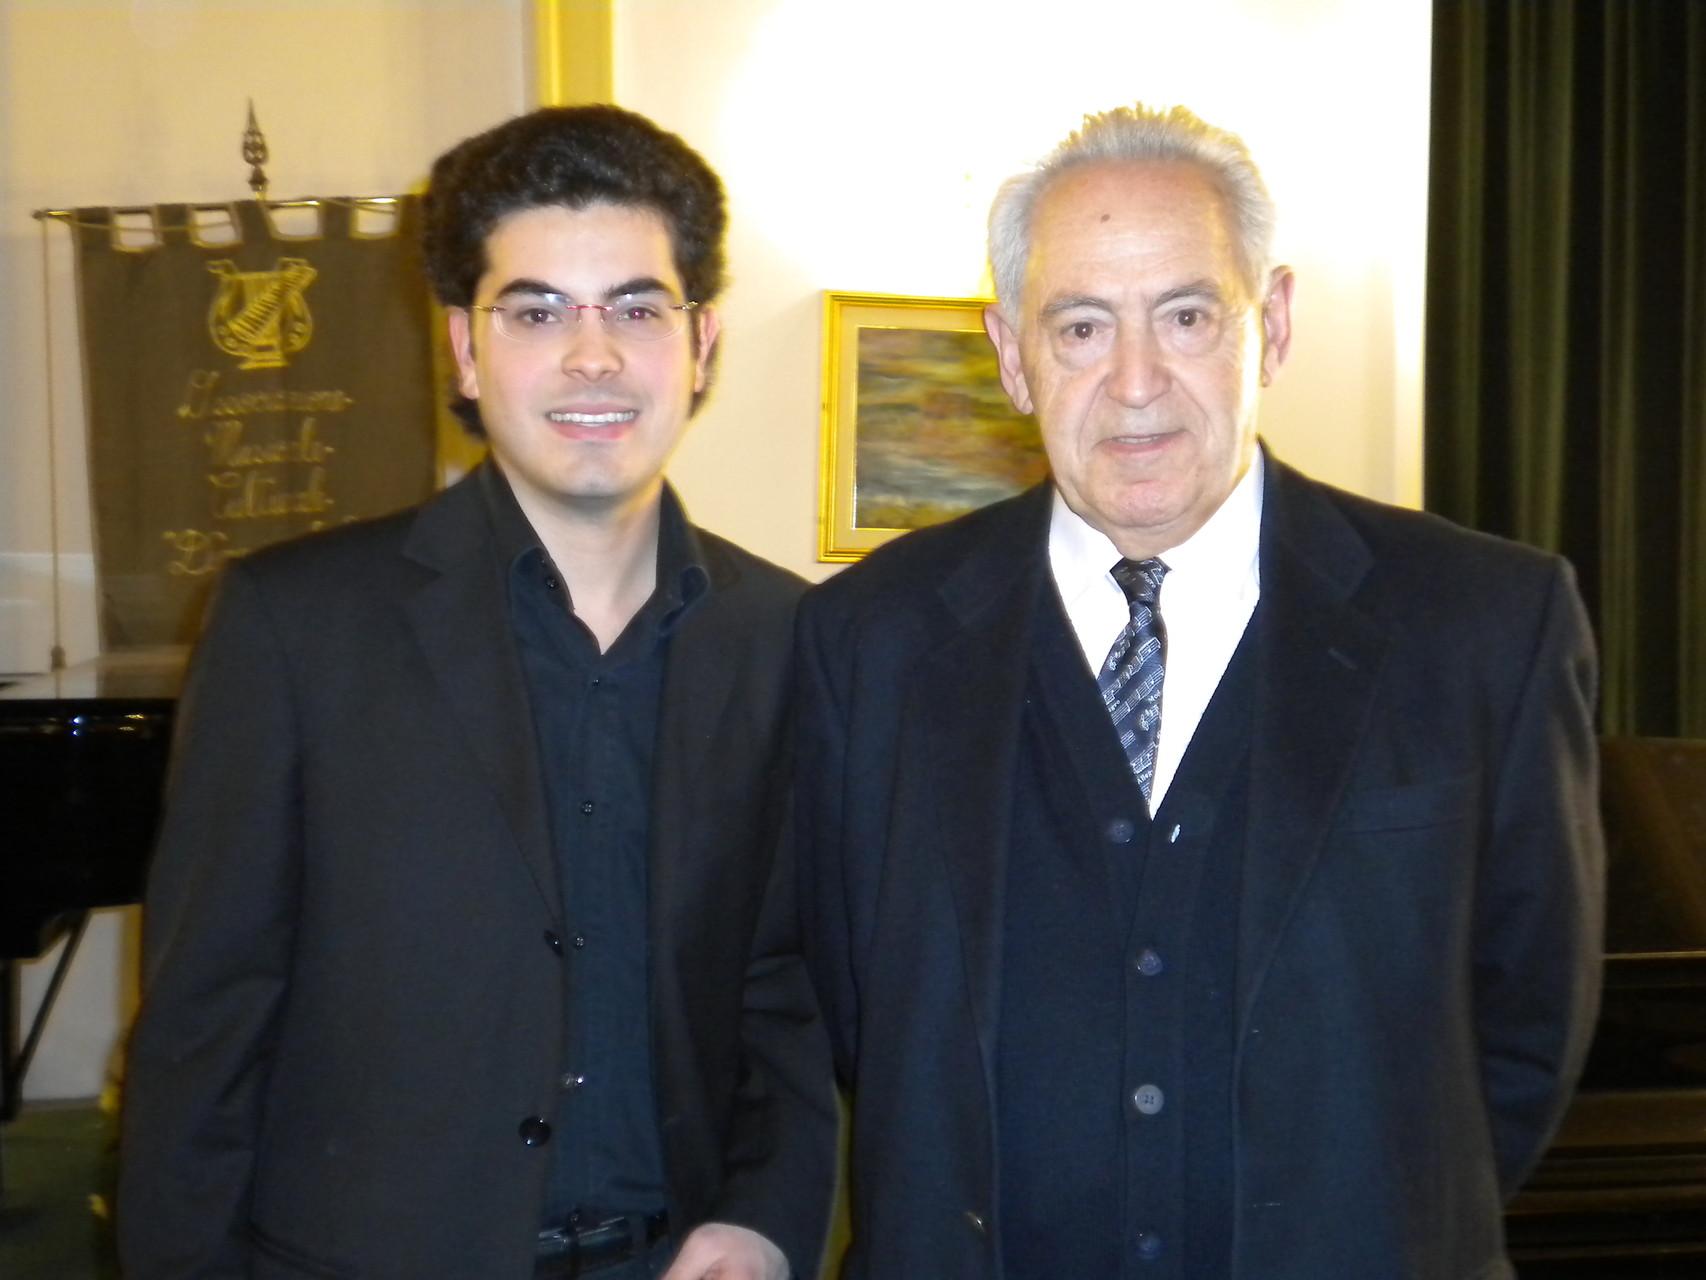 With M° Felix Ayo